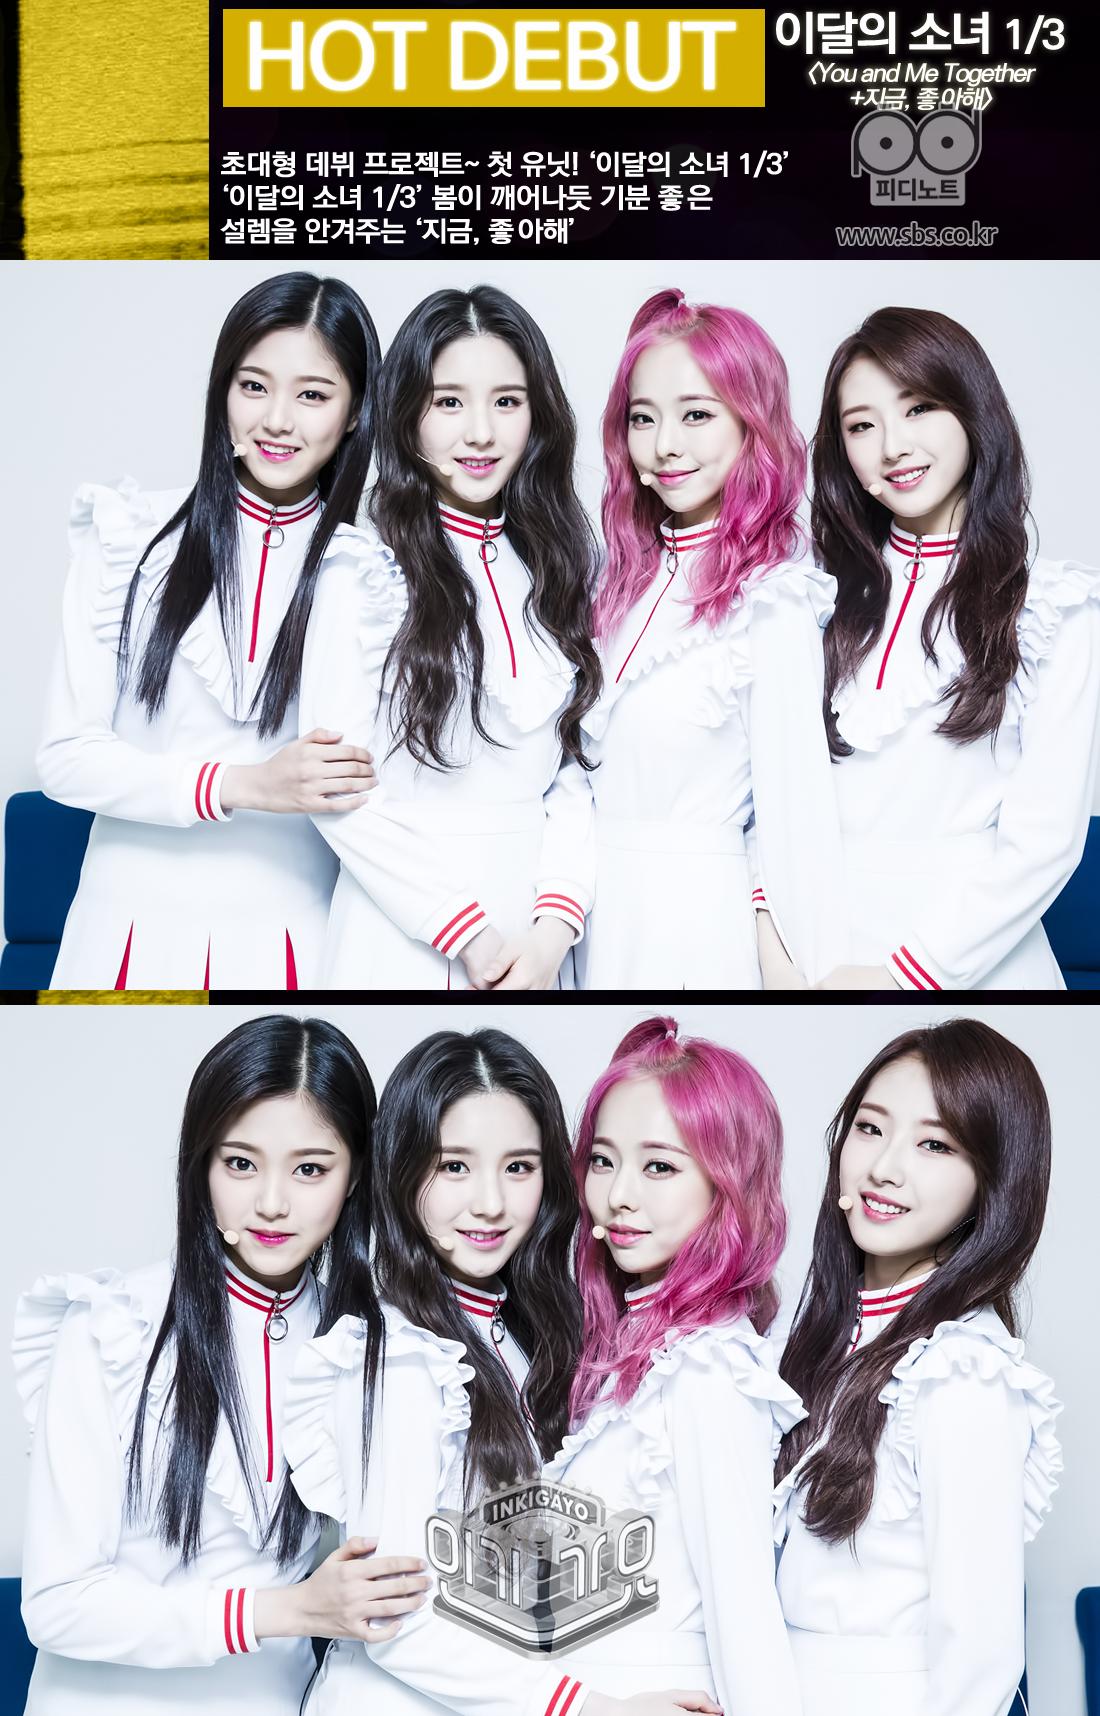 핫 데뷔 이달의 소녀 1/3 초대형 데뷔 프로젝트 첫 유닛 이달의 소녀 봄이 깨어나듯 기분좋은 설렘을 안겨주는 지금 좋아해.